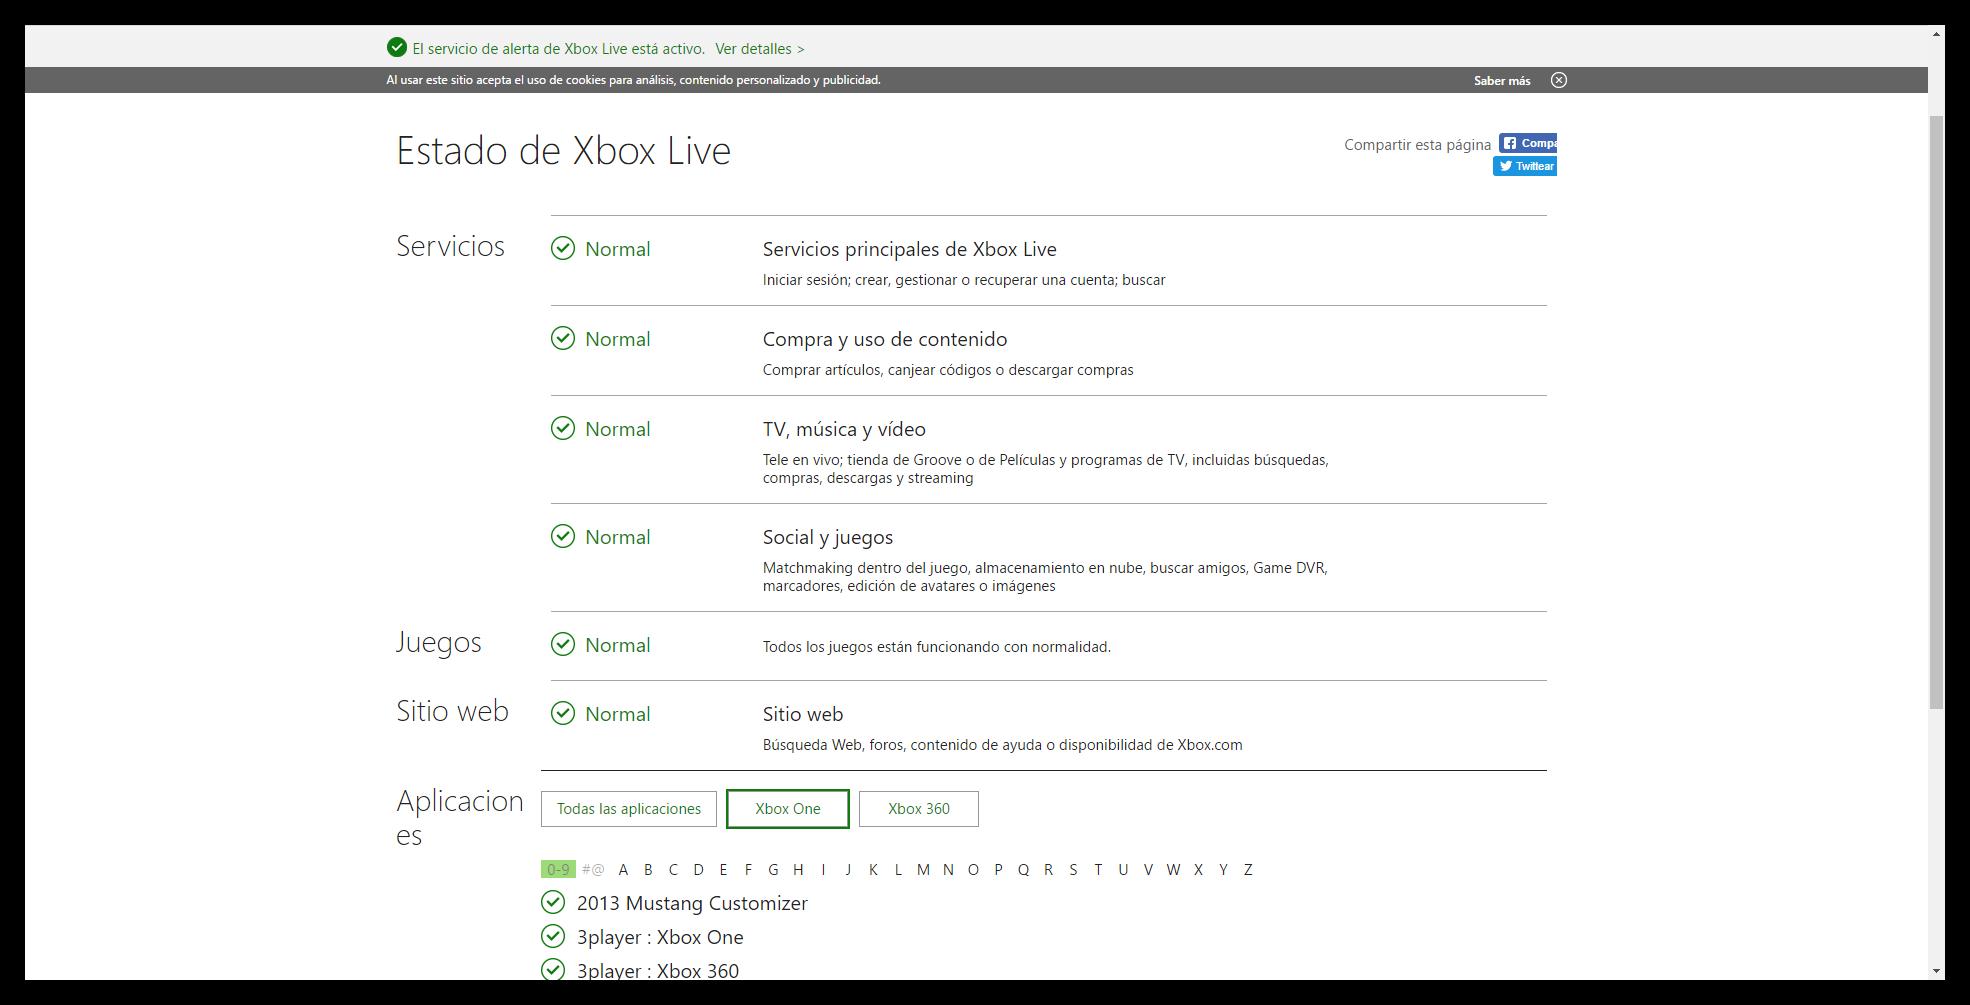 Como Conectar Correctamente Una Xbox One A Internet